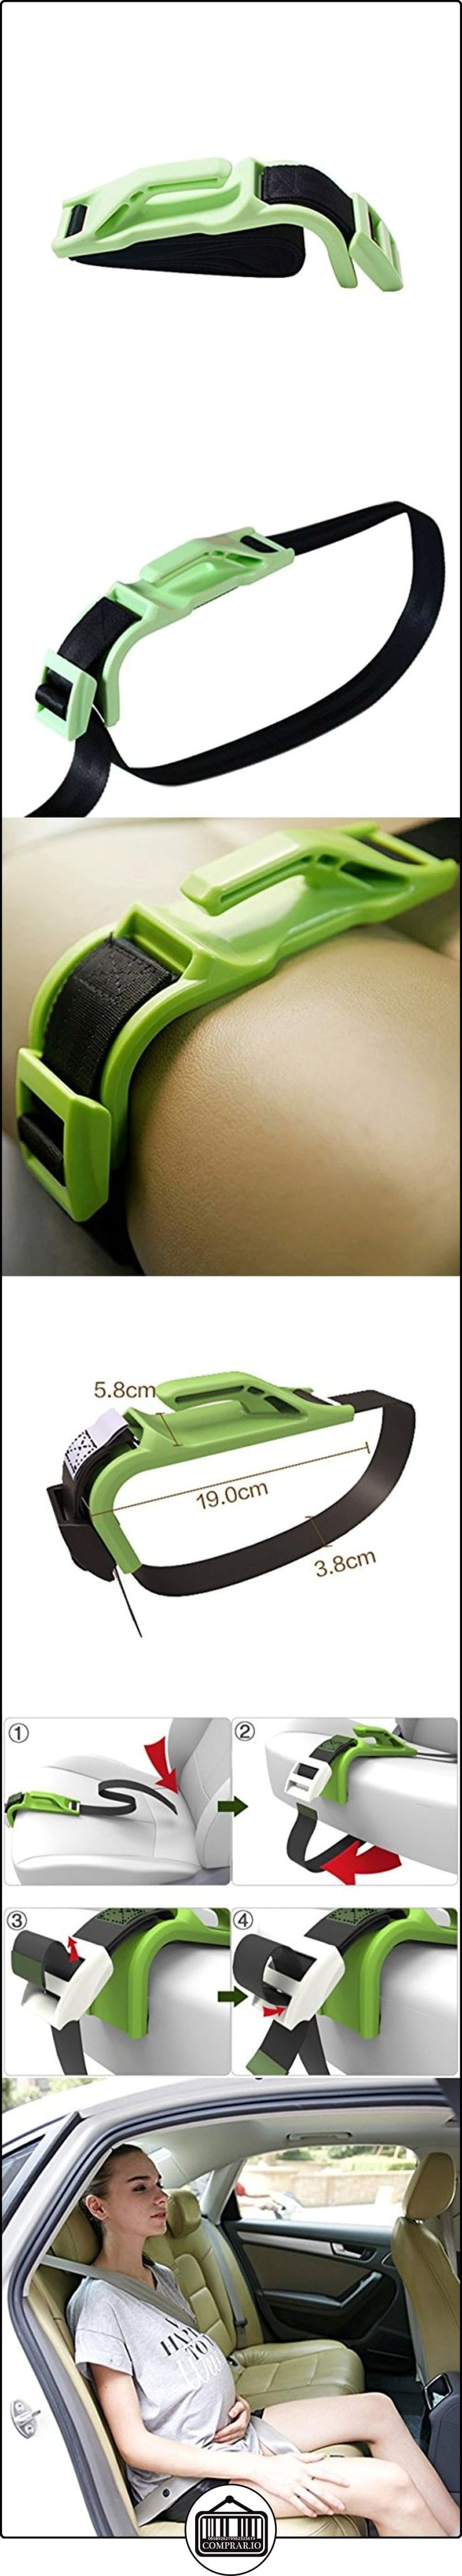 Cinturón para embarazada£¬FREESOO Cinturón para embarazada de seguridad Mujer Embarazada futuras mamás cinturón de asiento de coche de seguridad ajustable Cómodo y seguro  ✿ Seguridad para tu bebé - (Protege a tus hijos) ✿ ▬► Ver oferta: http://comprar.io/goto/B06X6JQQKM